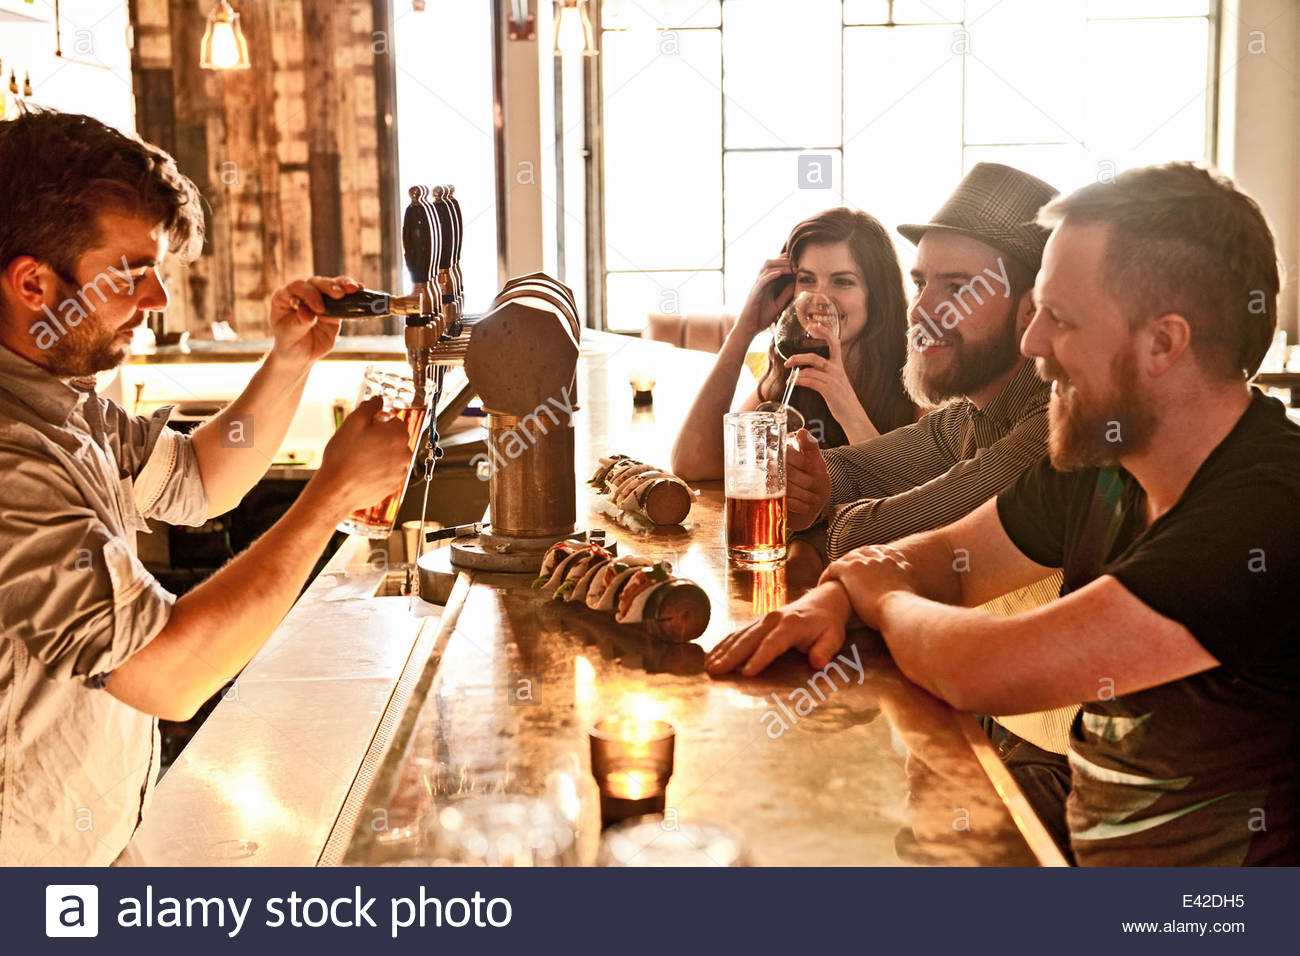 Gli amici a bere birra al hipster bar Immagini Stock